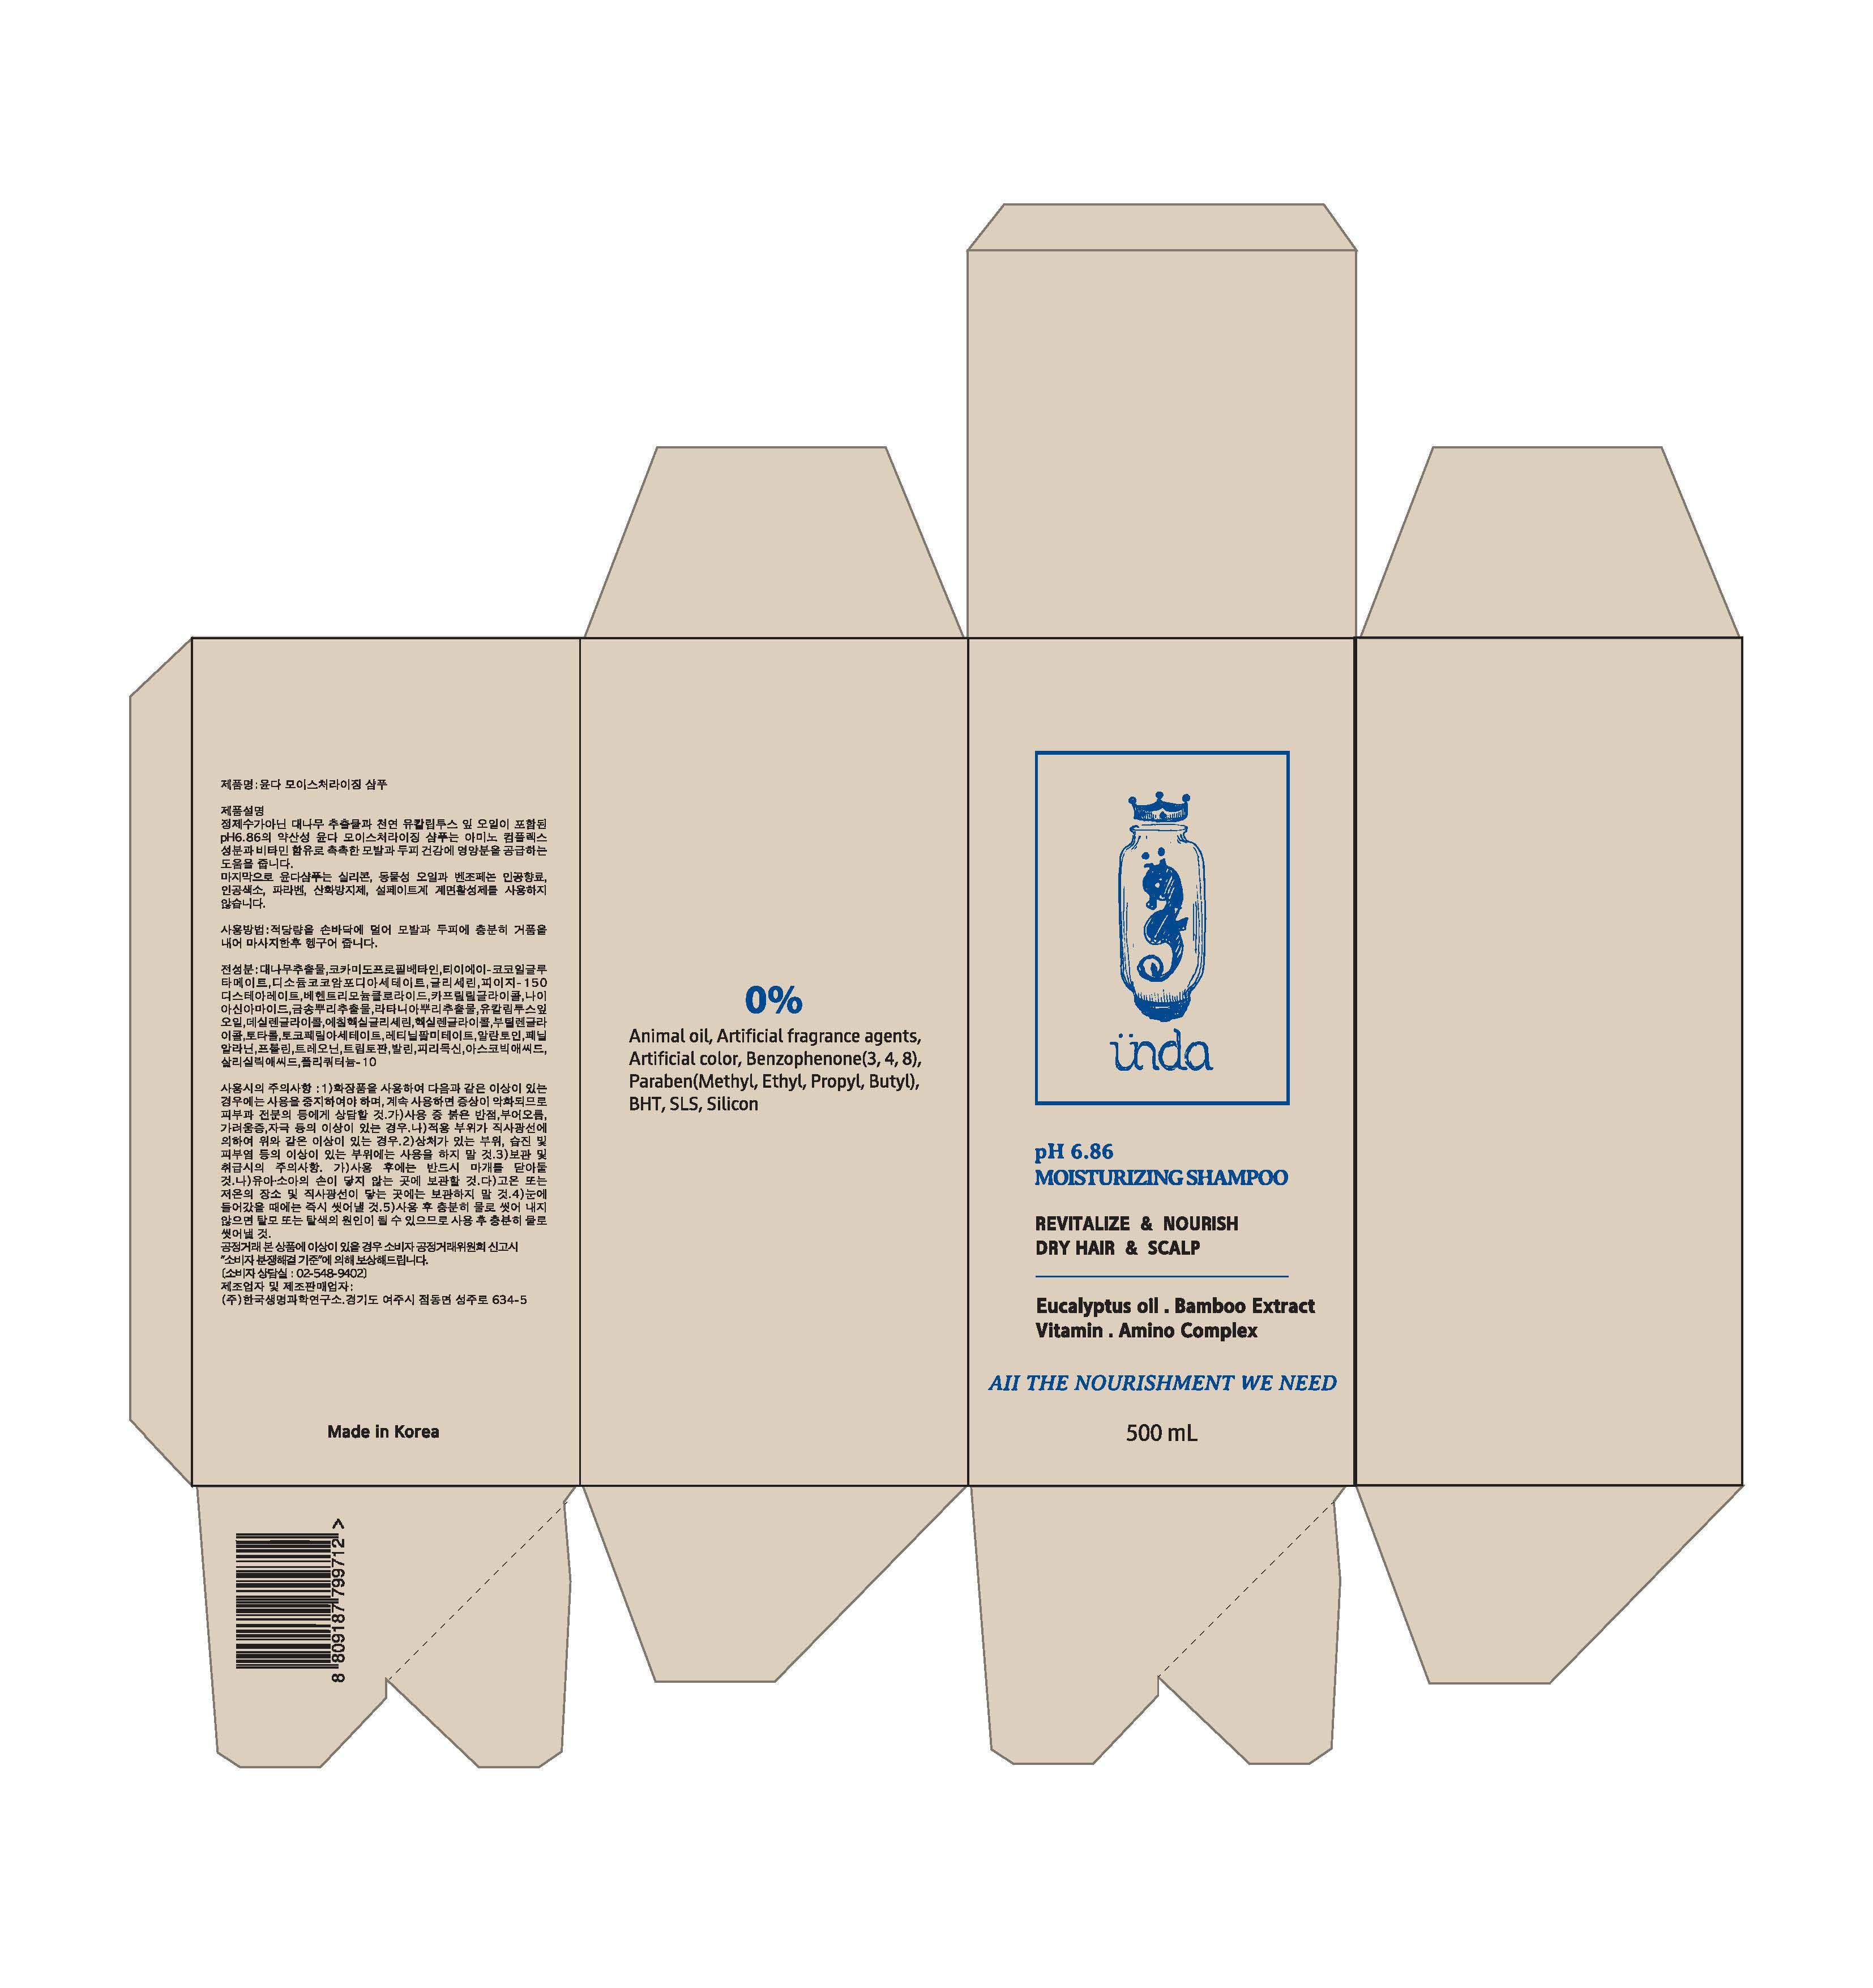 Unda Mositurizing   Salicylic Acid, Bambusa Vulgaris Extract, Eucalyptus Globulus Leaf Oil Shampoo while Breastfeeding